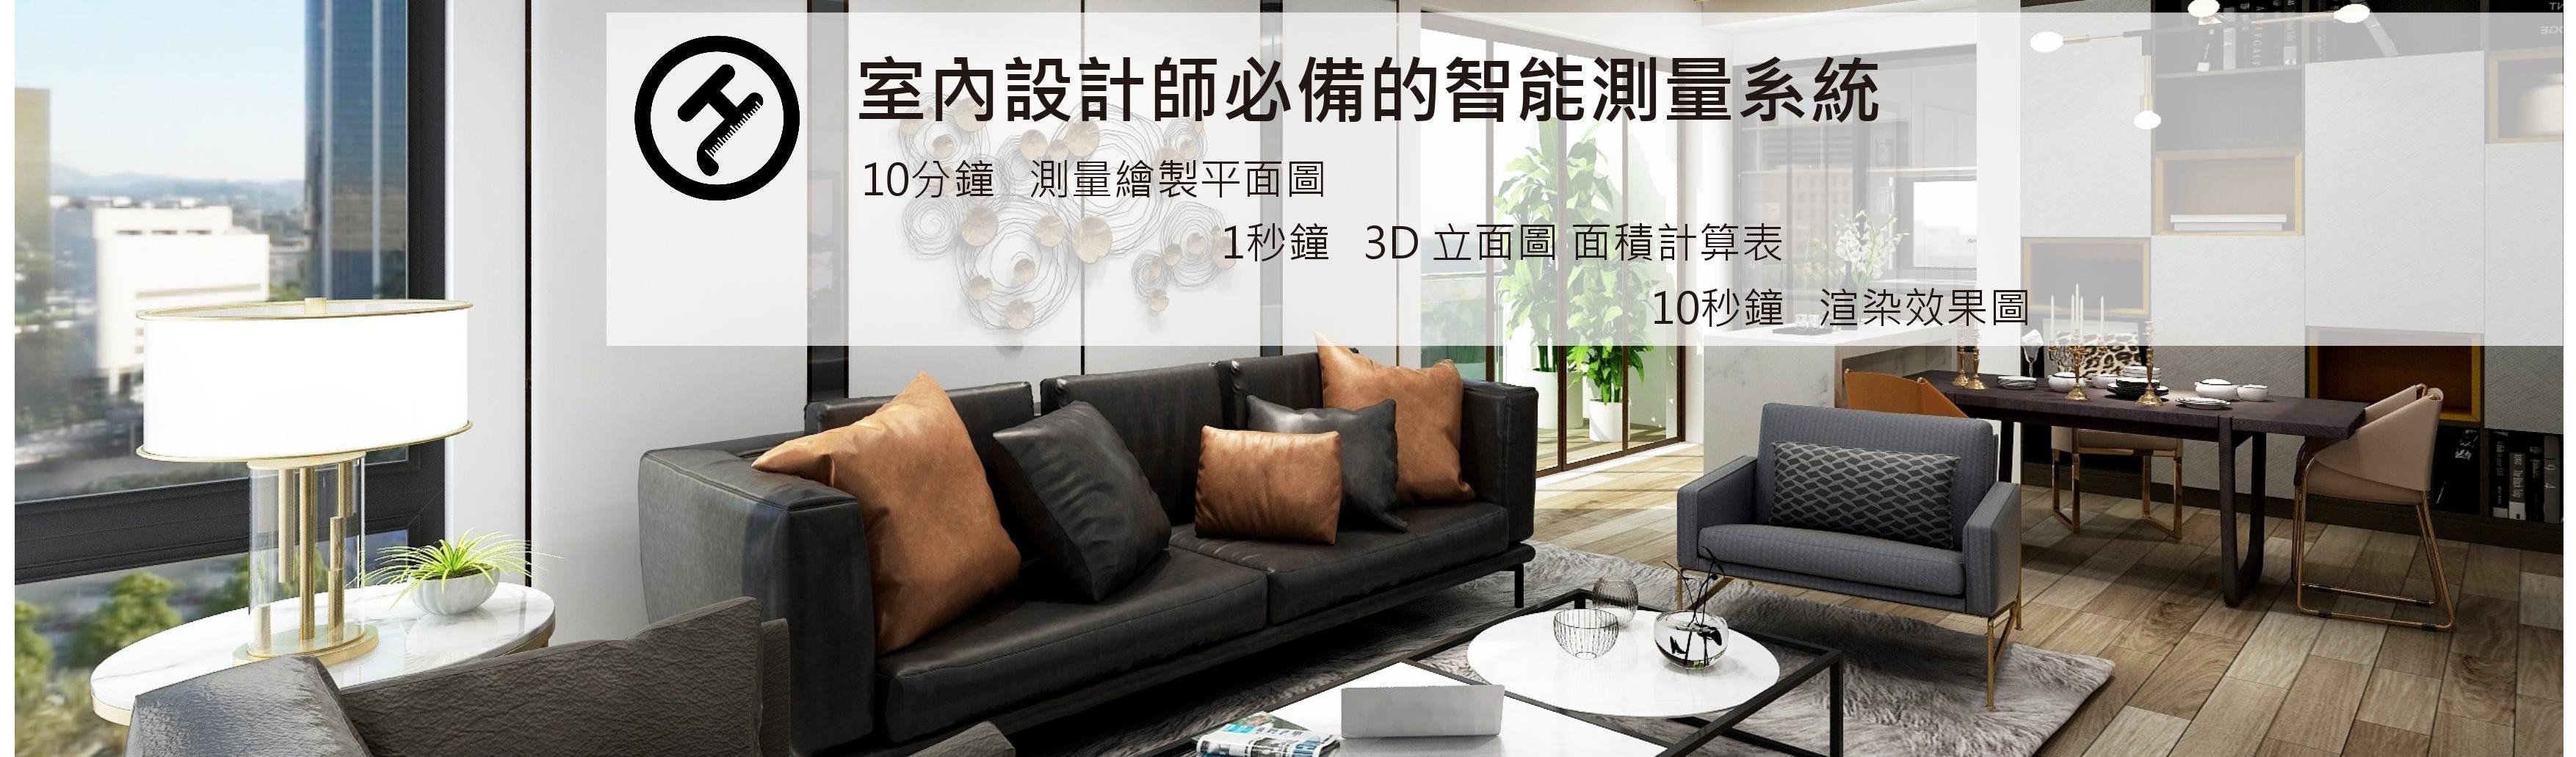 希爾達科技有限公司 HILDA TECHNOLOGY CO. LTD